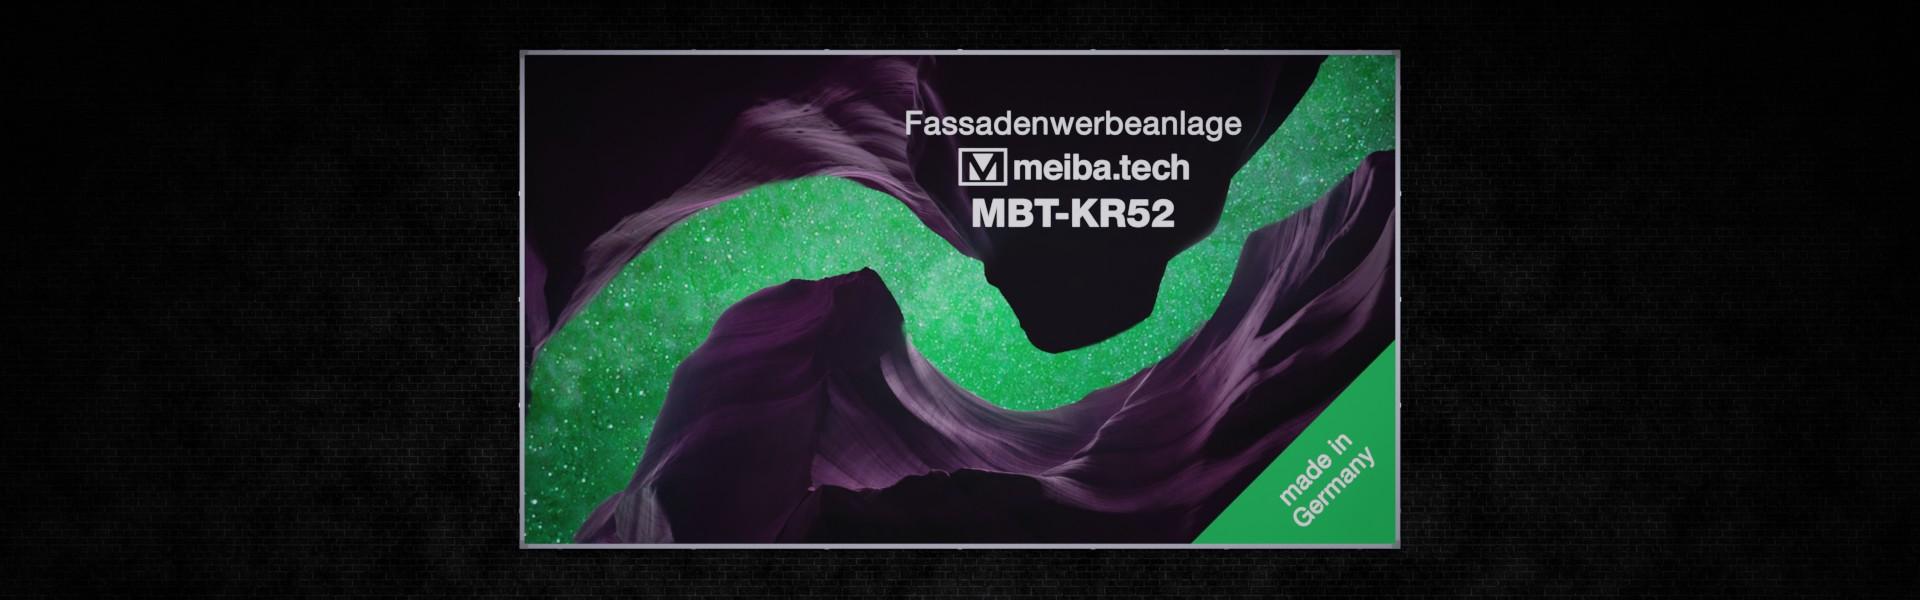 Werbeanlage MBT-KR52 für langfristige Bannerwerbung an Fassaden, Frontansicht